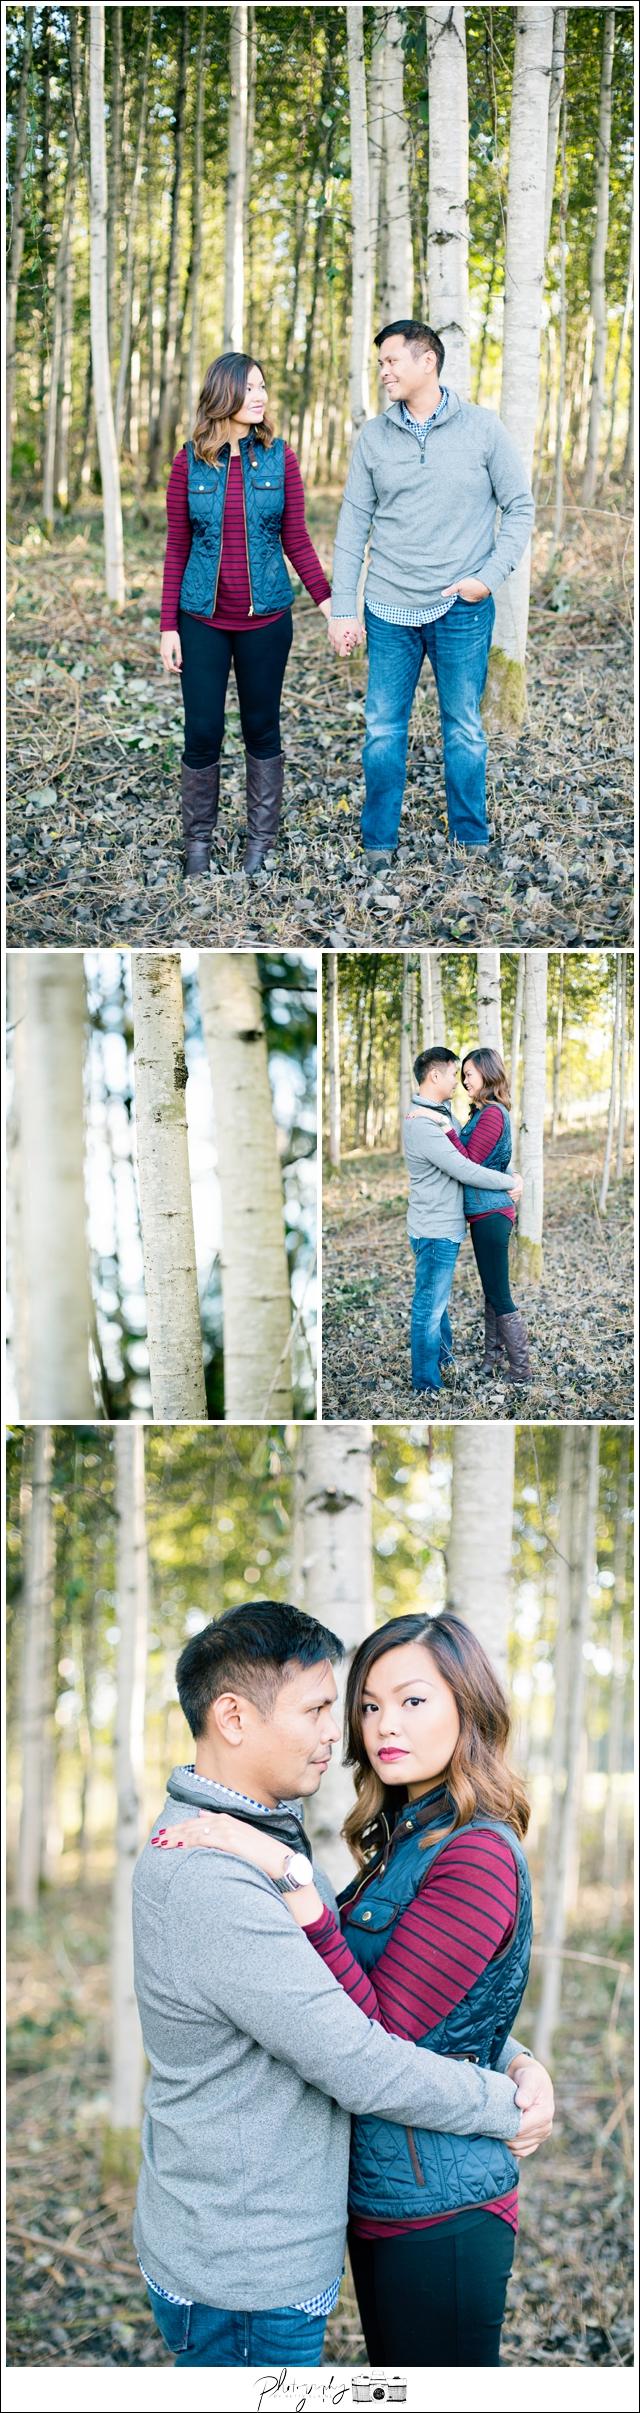 Engagement-Photographer-Sunset-Seattle-Wedding-Photography-by-Betty-Elaine_0001